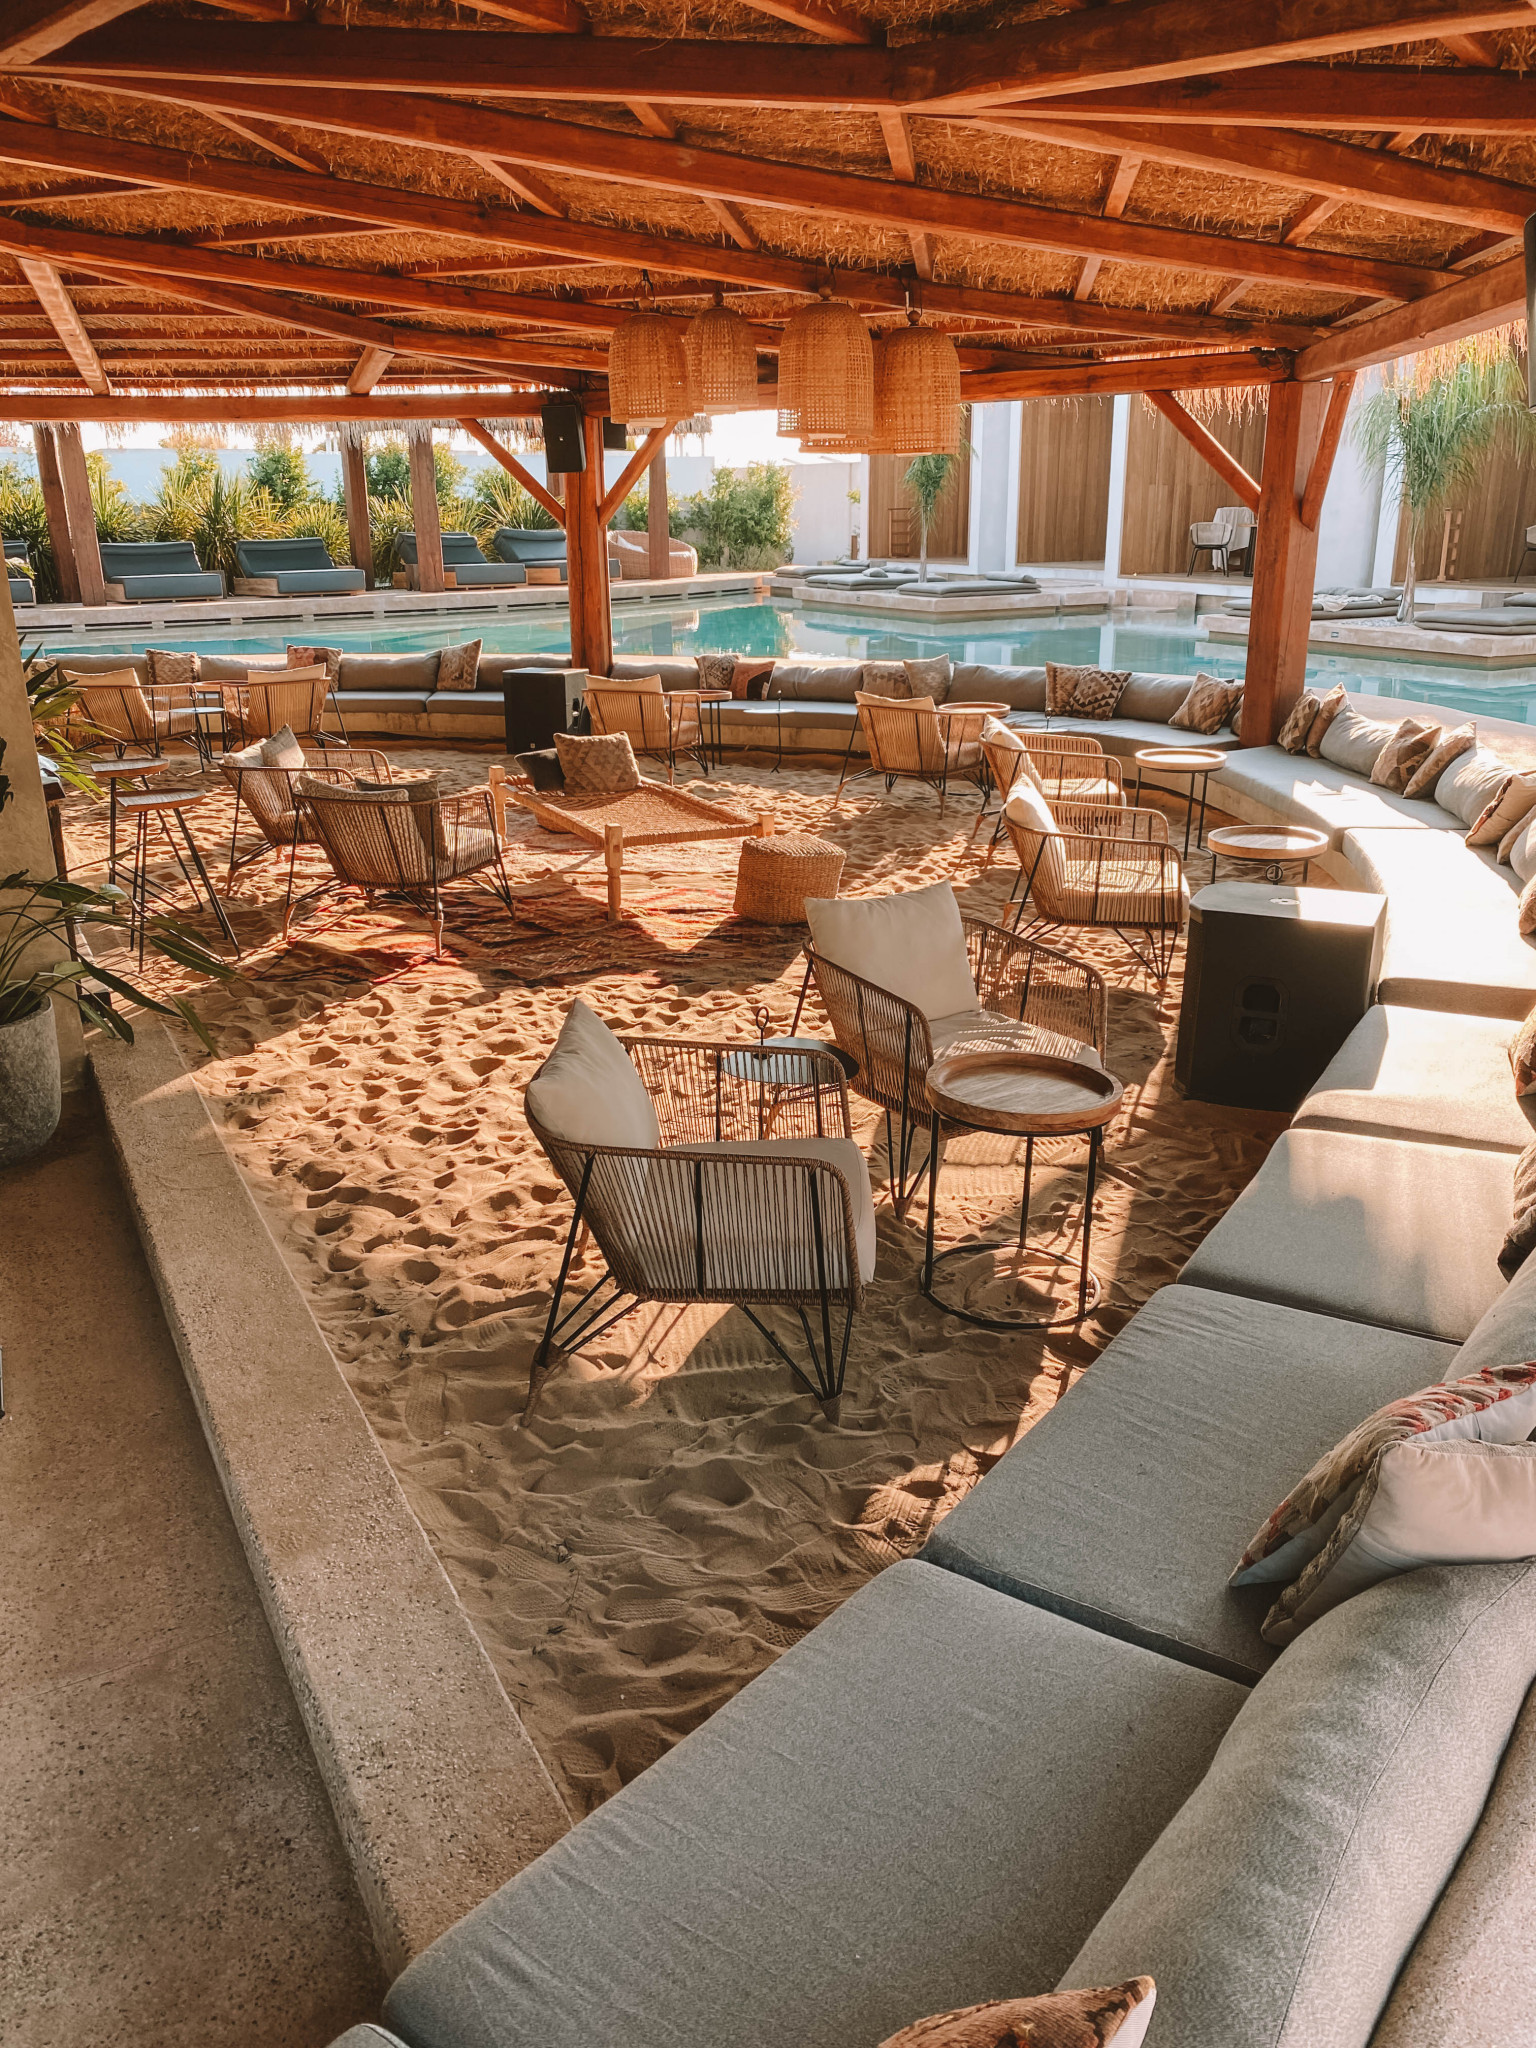 Grèce : Olea All Suite Hotel, bijou de design et de sérénite sur l'île de Zakynthos - 9